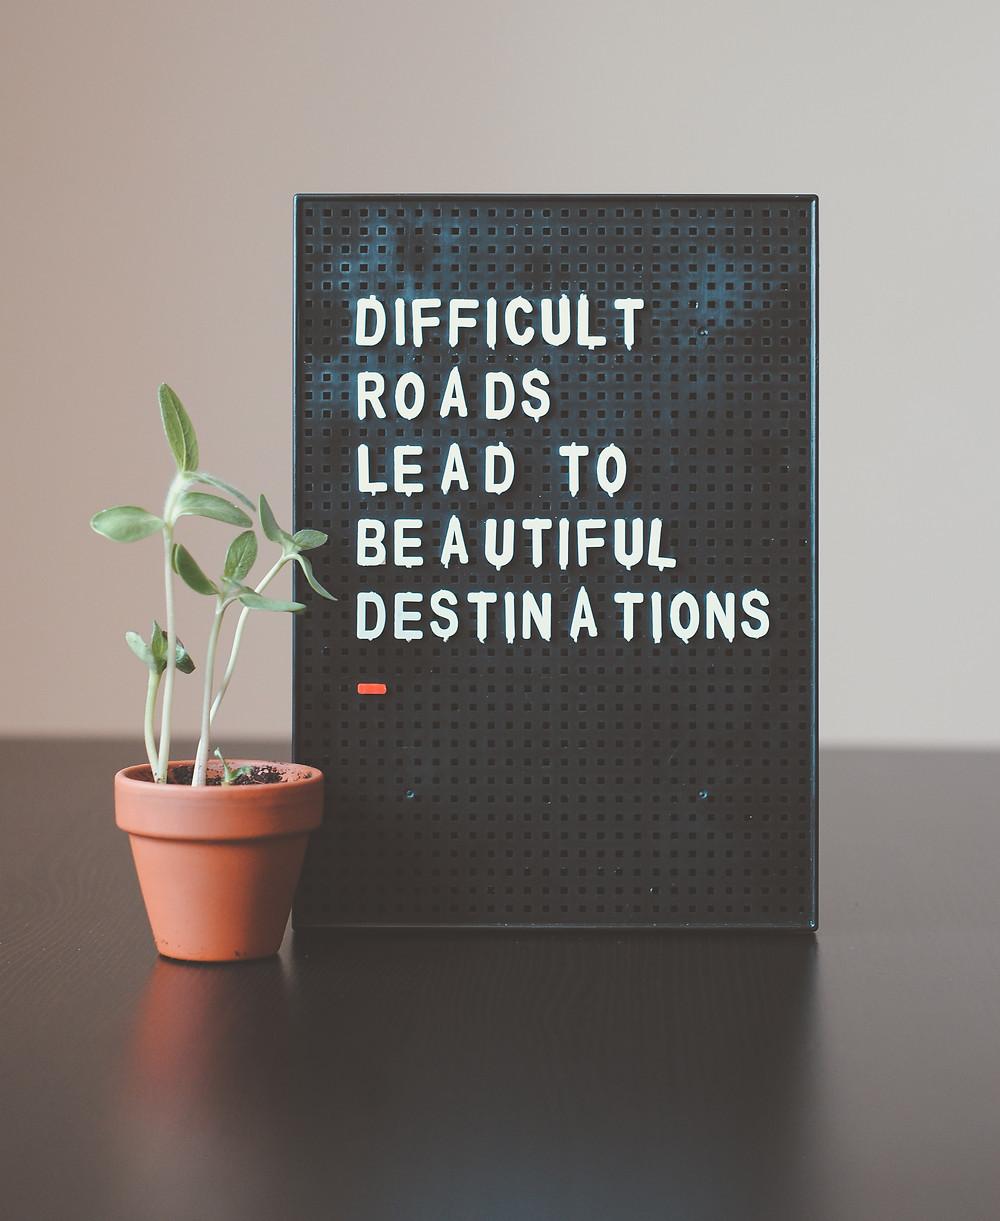 Los caminos de dificultad conducen a destinos increíbles